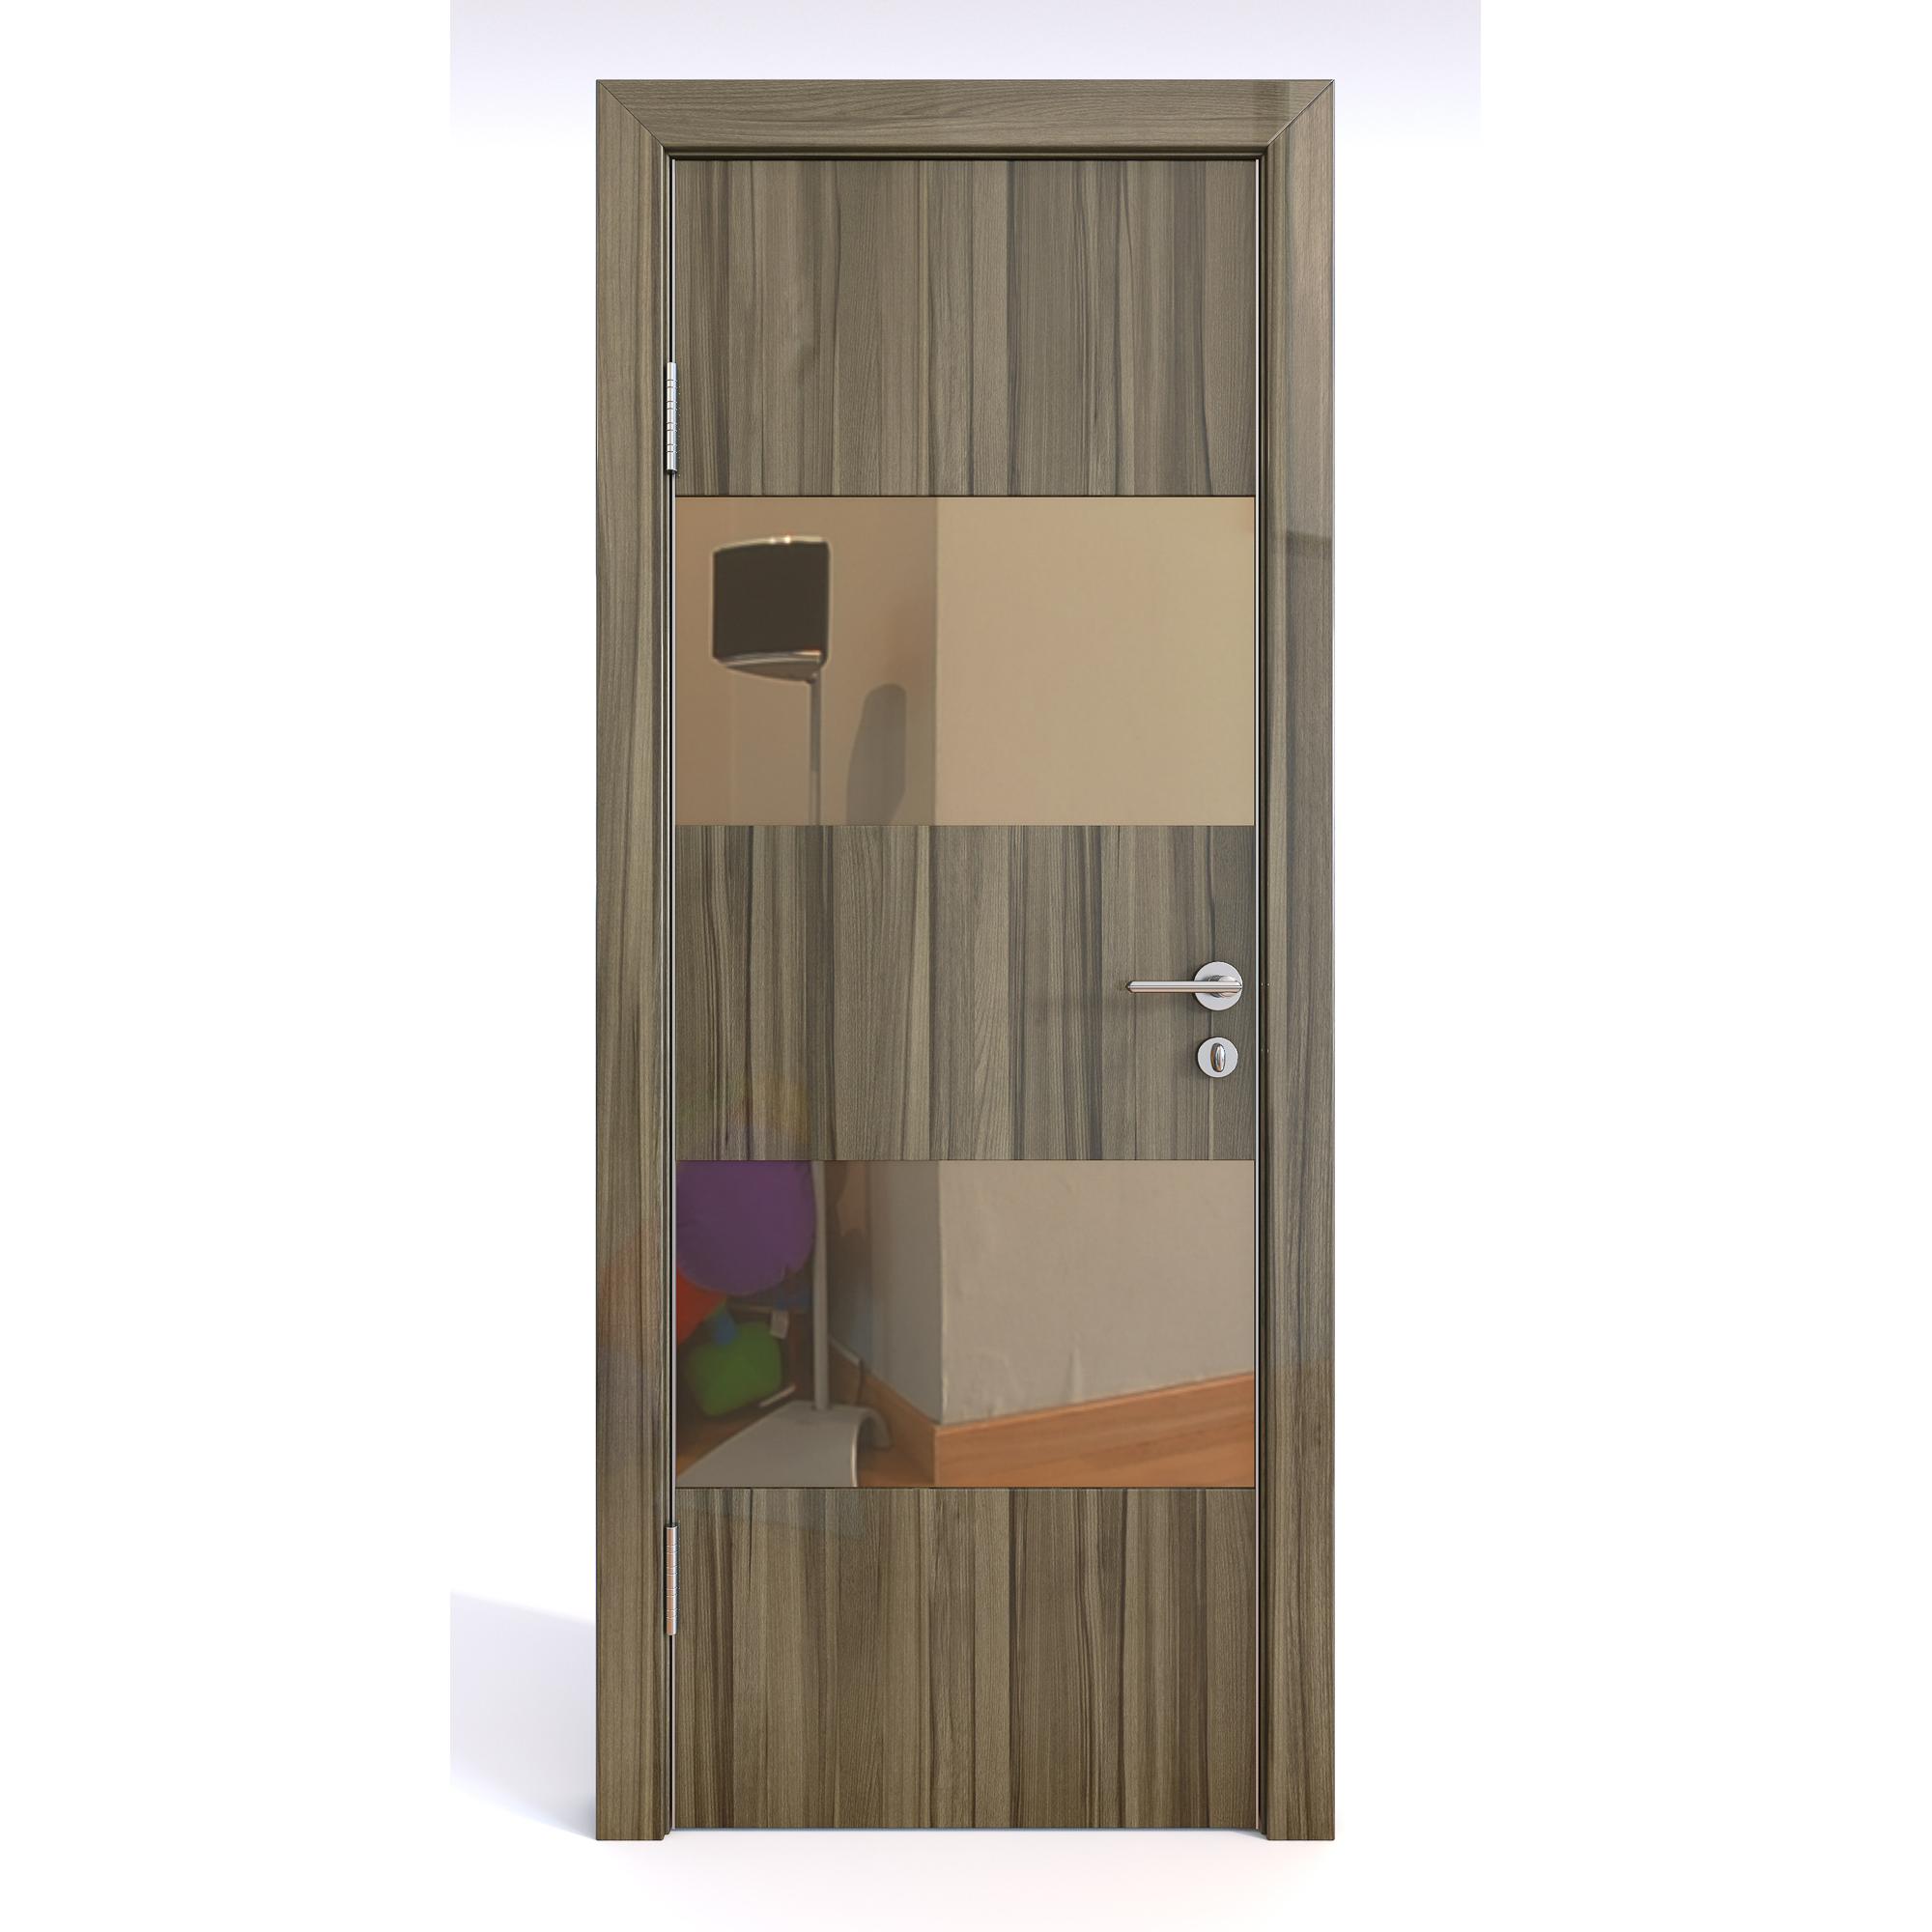 Межкомнатная шумоизоляционная дверь ДО-608 Сосна глянец/бронза 200х90 Дверная Линия фото